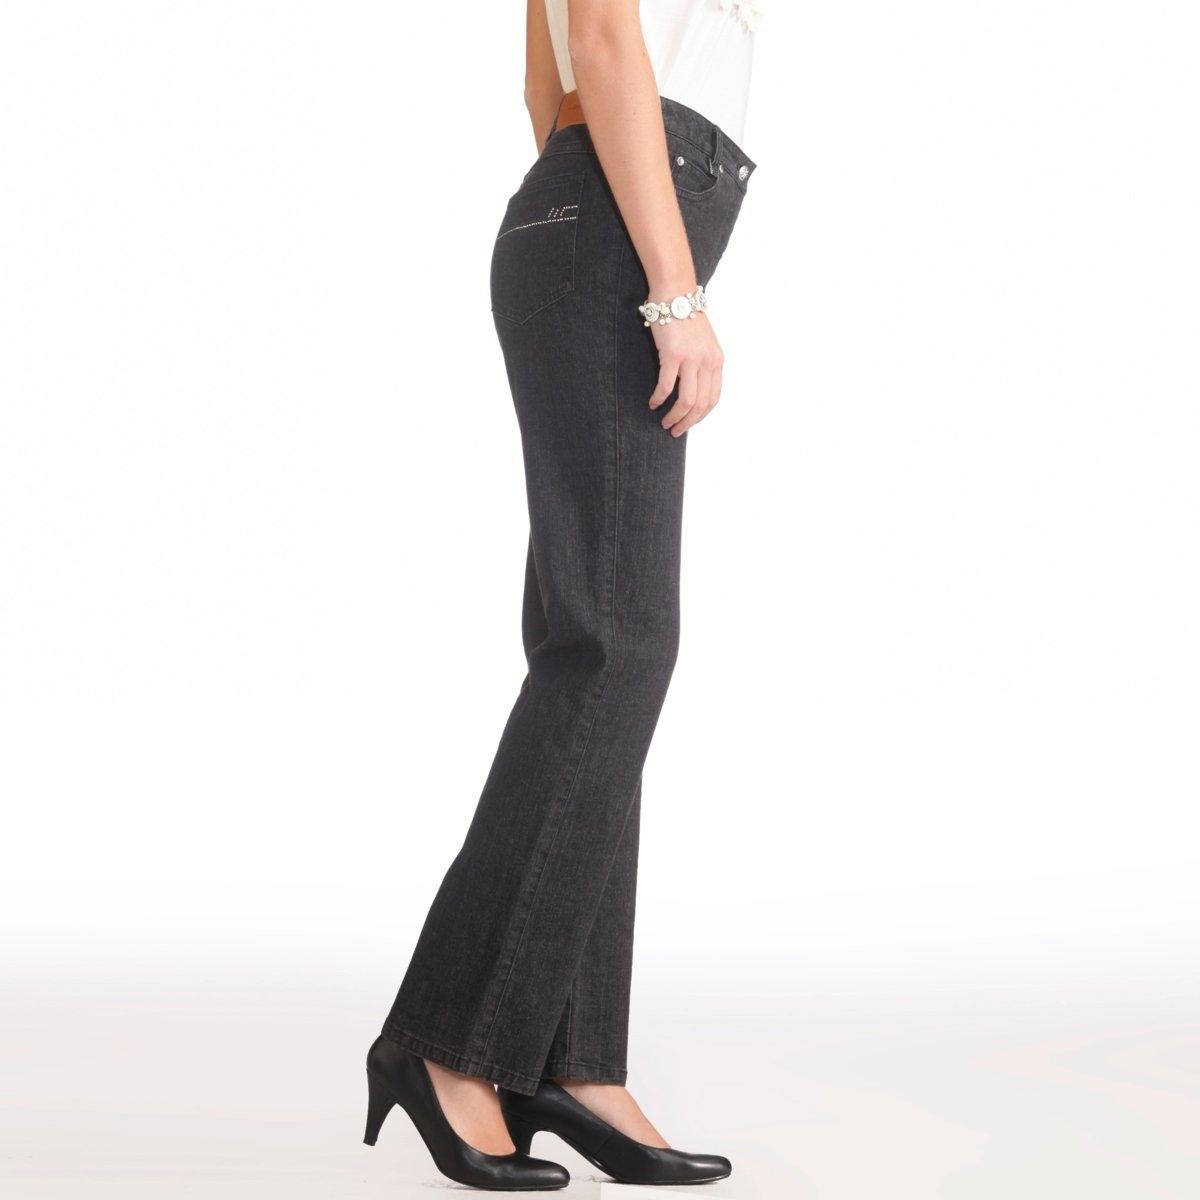 Джинсы из стретч денима, длина по внутр. шву 73 смКлассические джинсы: настоящие пятикарманные, украшены стразами. Талия слегка занижена. Пуговица из металла, украшена стразами, застежка на молнию спереди. Сзади: карманы со строчкой из страз, на одном инициалы AW на поясе нашивка имитация кожи. Длина по внутр. шву 73 см, при росте менее 1,65 м.Состав и описание:Материал: Деним стретч: 99% хлопка, 1% эластана LYCRA®.Длина по внутр. шву: 73 см, ширина по низу: 20 см.Марка: Anne Weyburn.Уход:Машинная стирка при 30°C на умеренном режиме, с изнанки.Гладить при средней температуре, с изнанки.<br><br>Цвет: синий потертый,темно-синий,черный<br>Размер: 38 (FR) - 44 (RUS).38 (FR) - 44 (RUS).42 (FR) - 48 (RUS).44 (FR) - 50 (RUS).40 (FR) - 46 (RUS).44 (FR) - 50 (RUS).52 (FR) - 58 (RUS).52 (FR) - 58 (RUS)